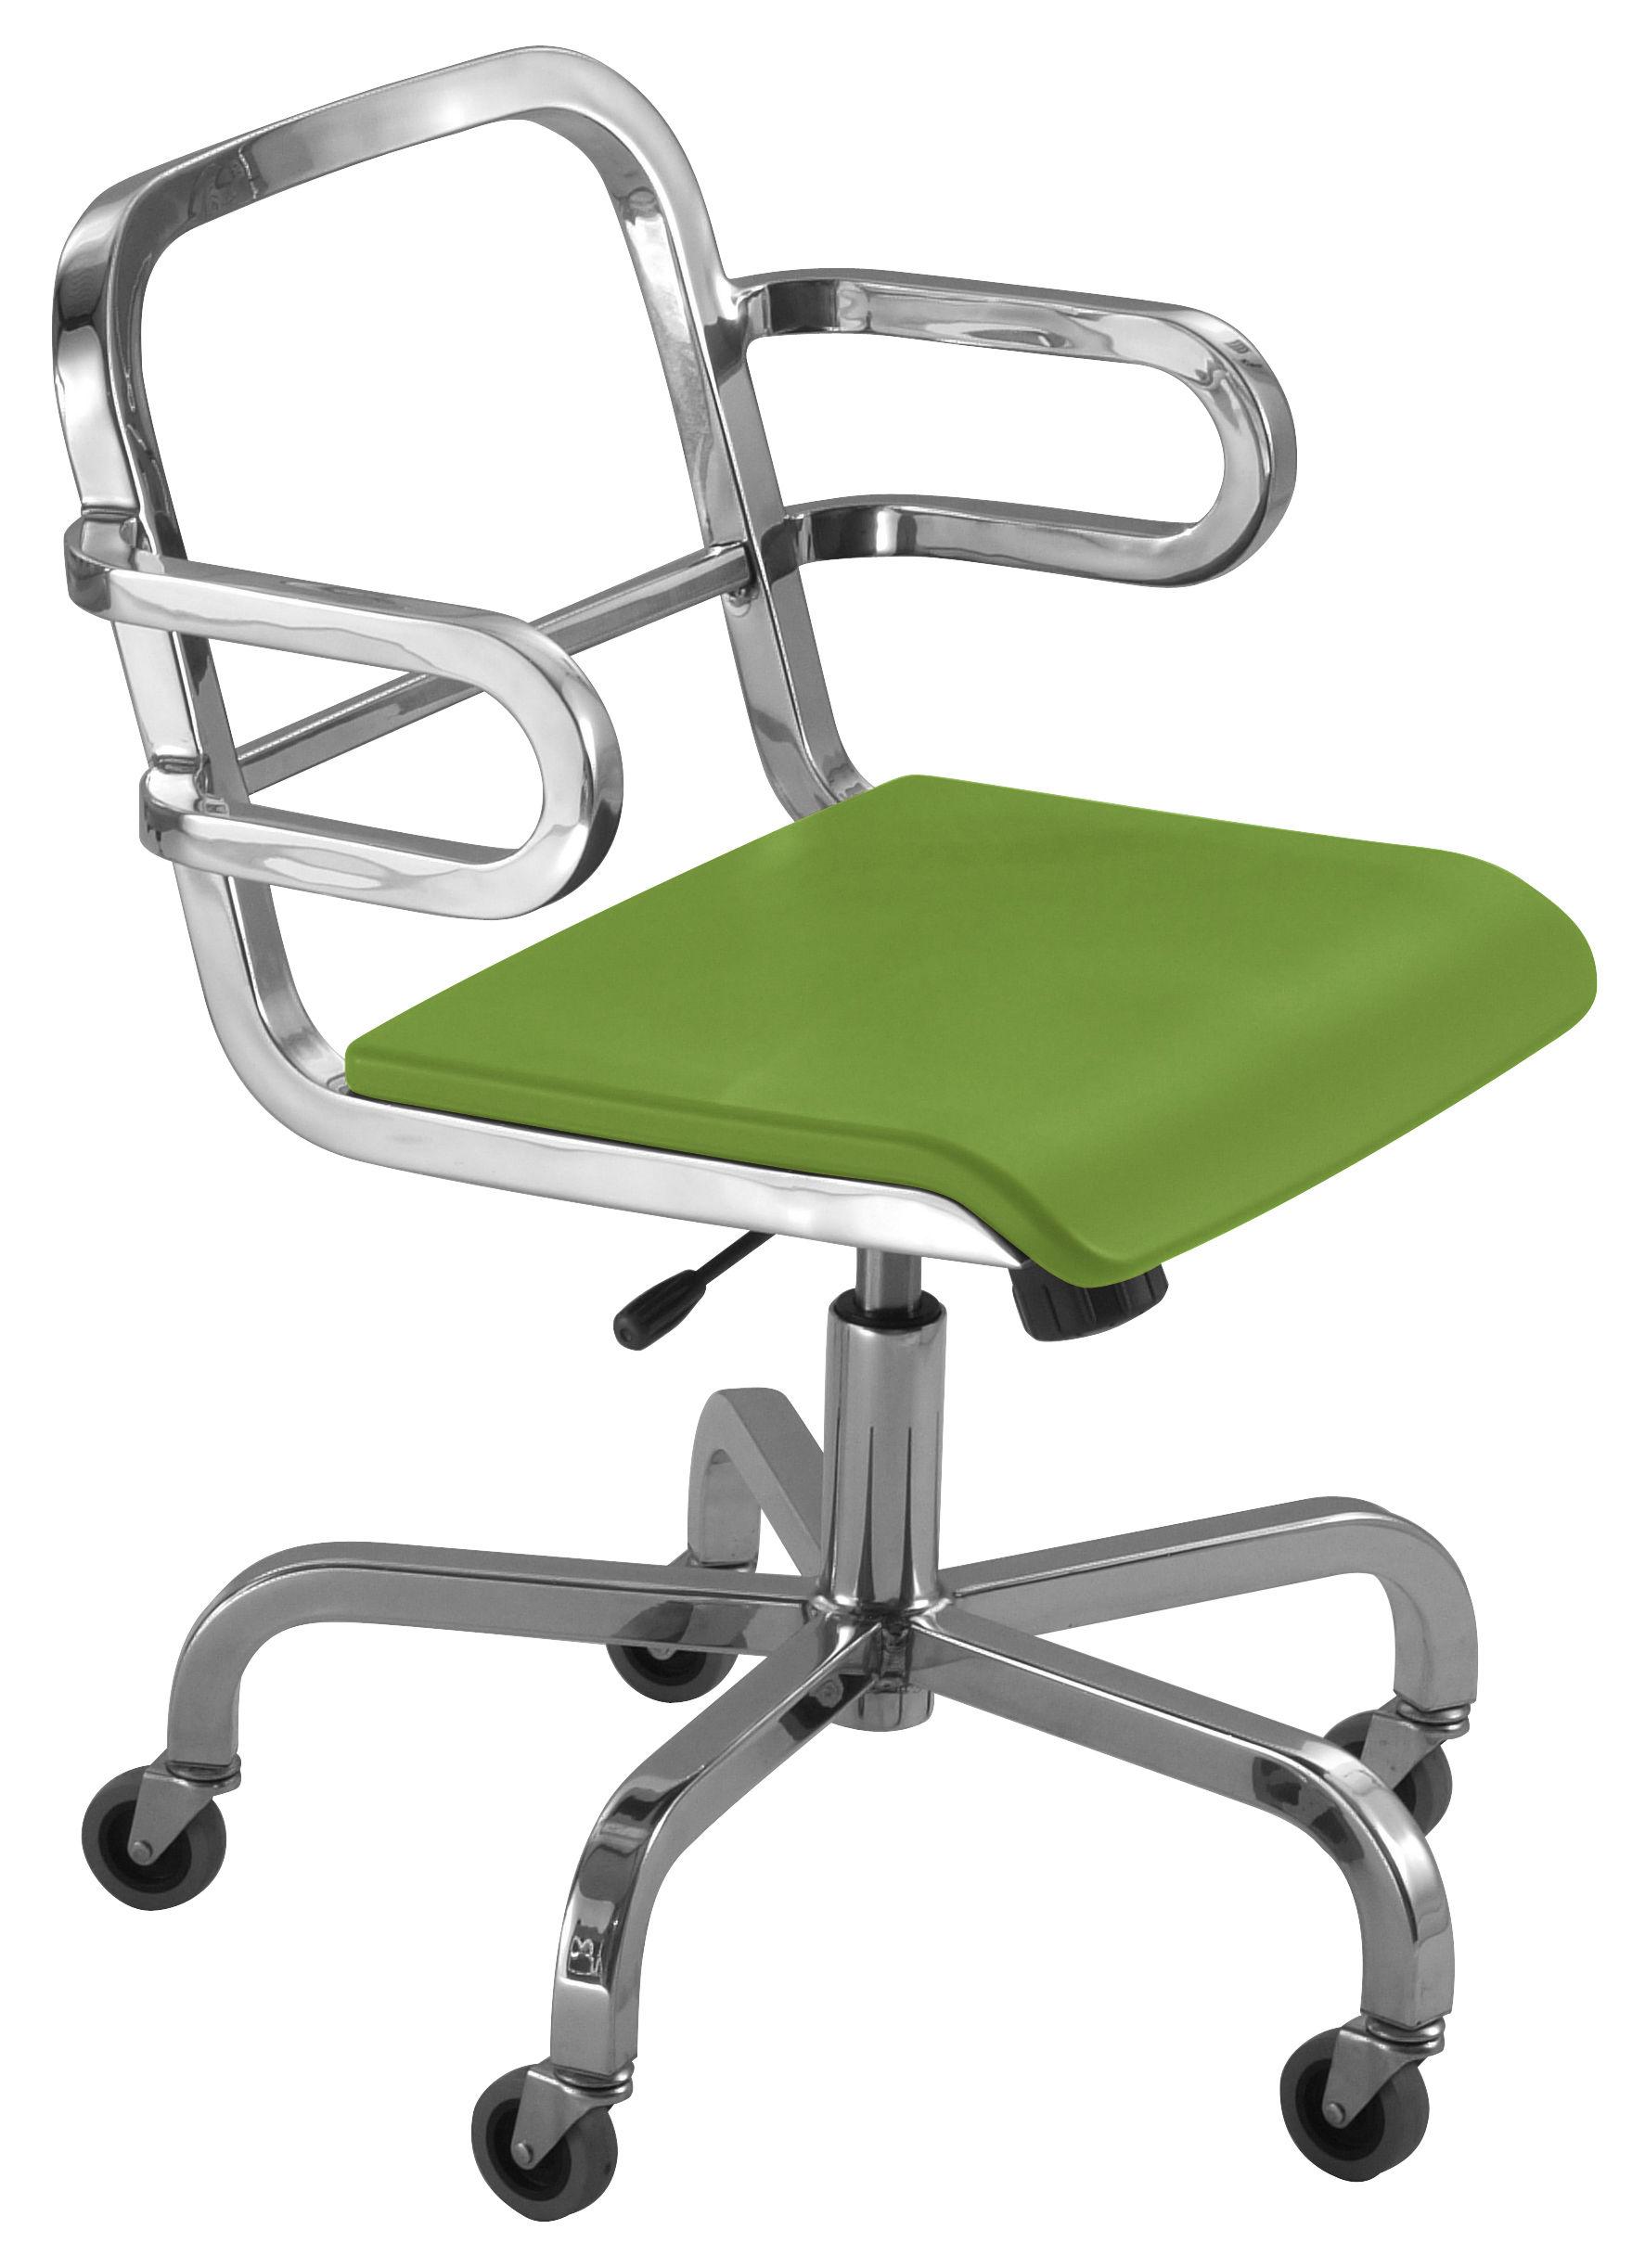 Arredamento - Mobili Ados  - Poltrona a rotelle Nine-O di Emeco - Alluminio opaco / Verde - Alluminio, Poliuretano